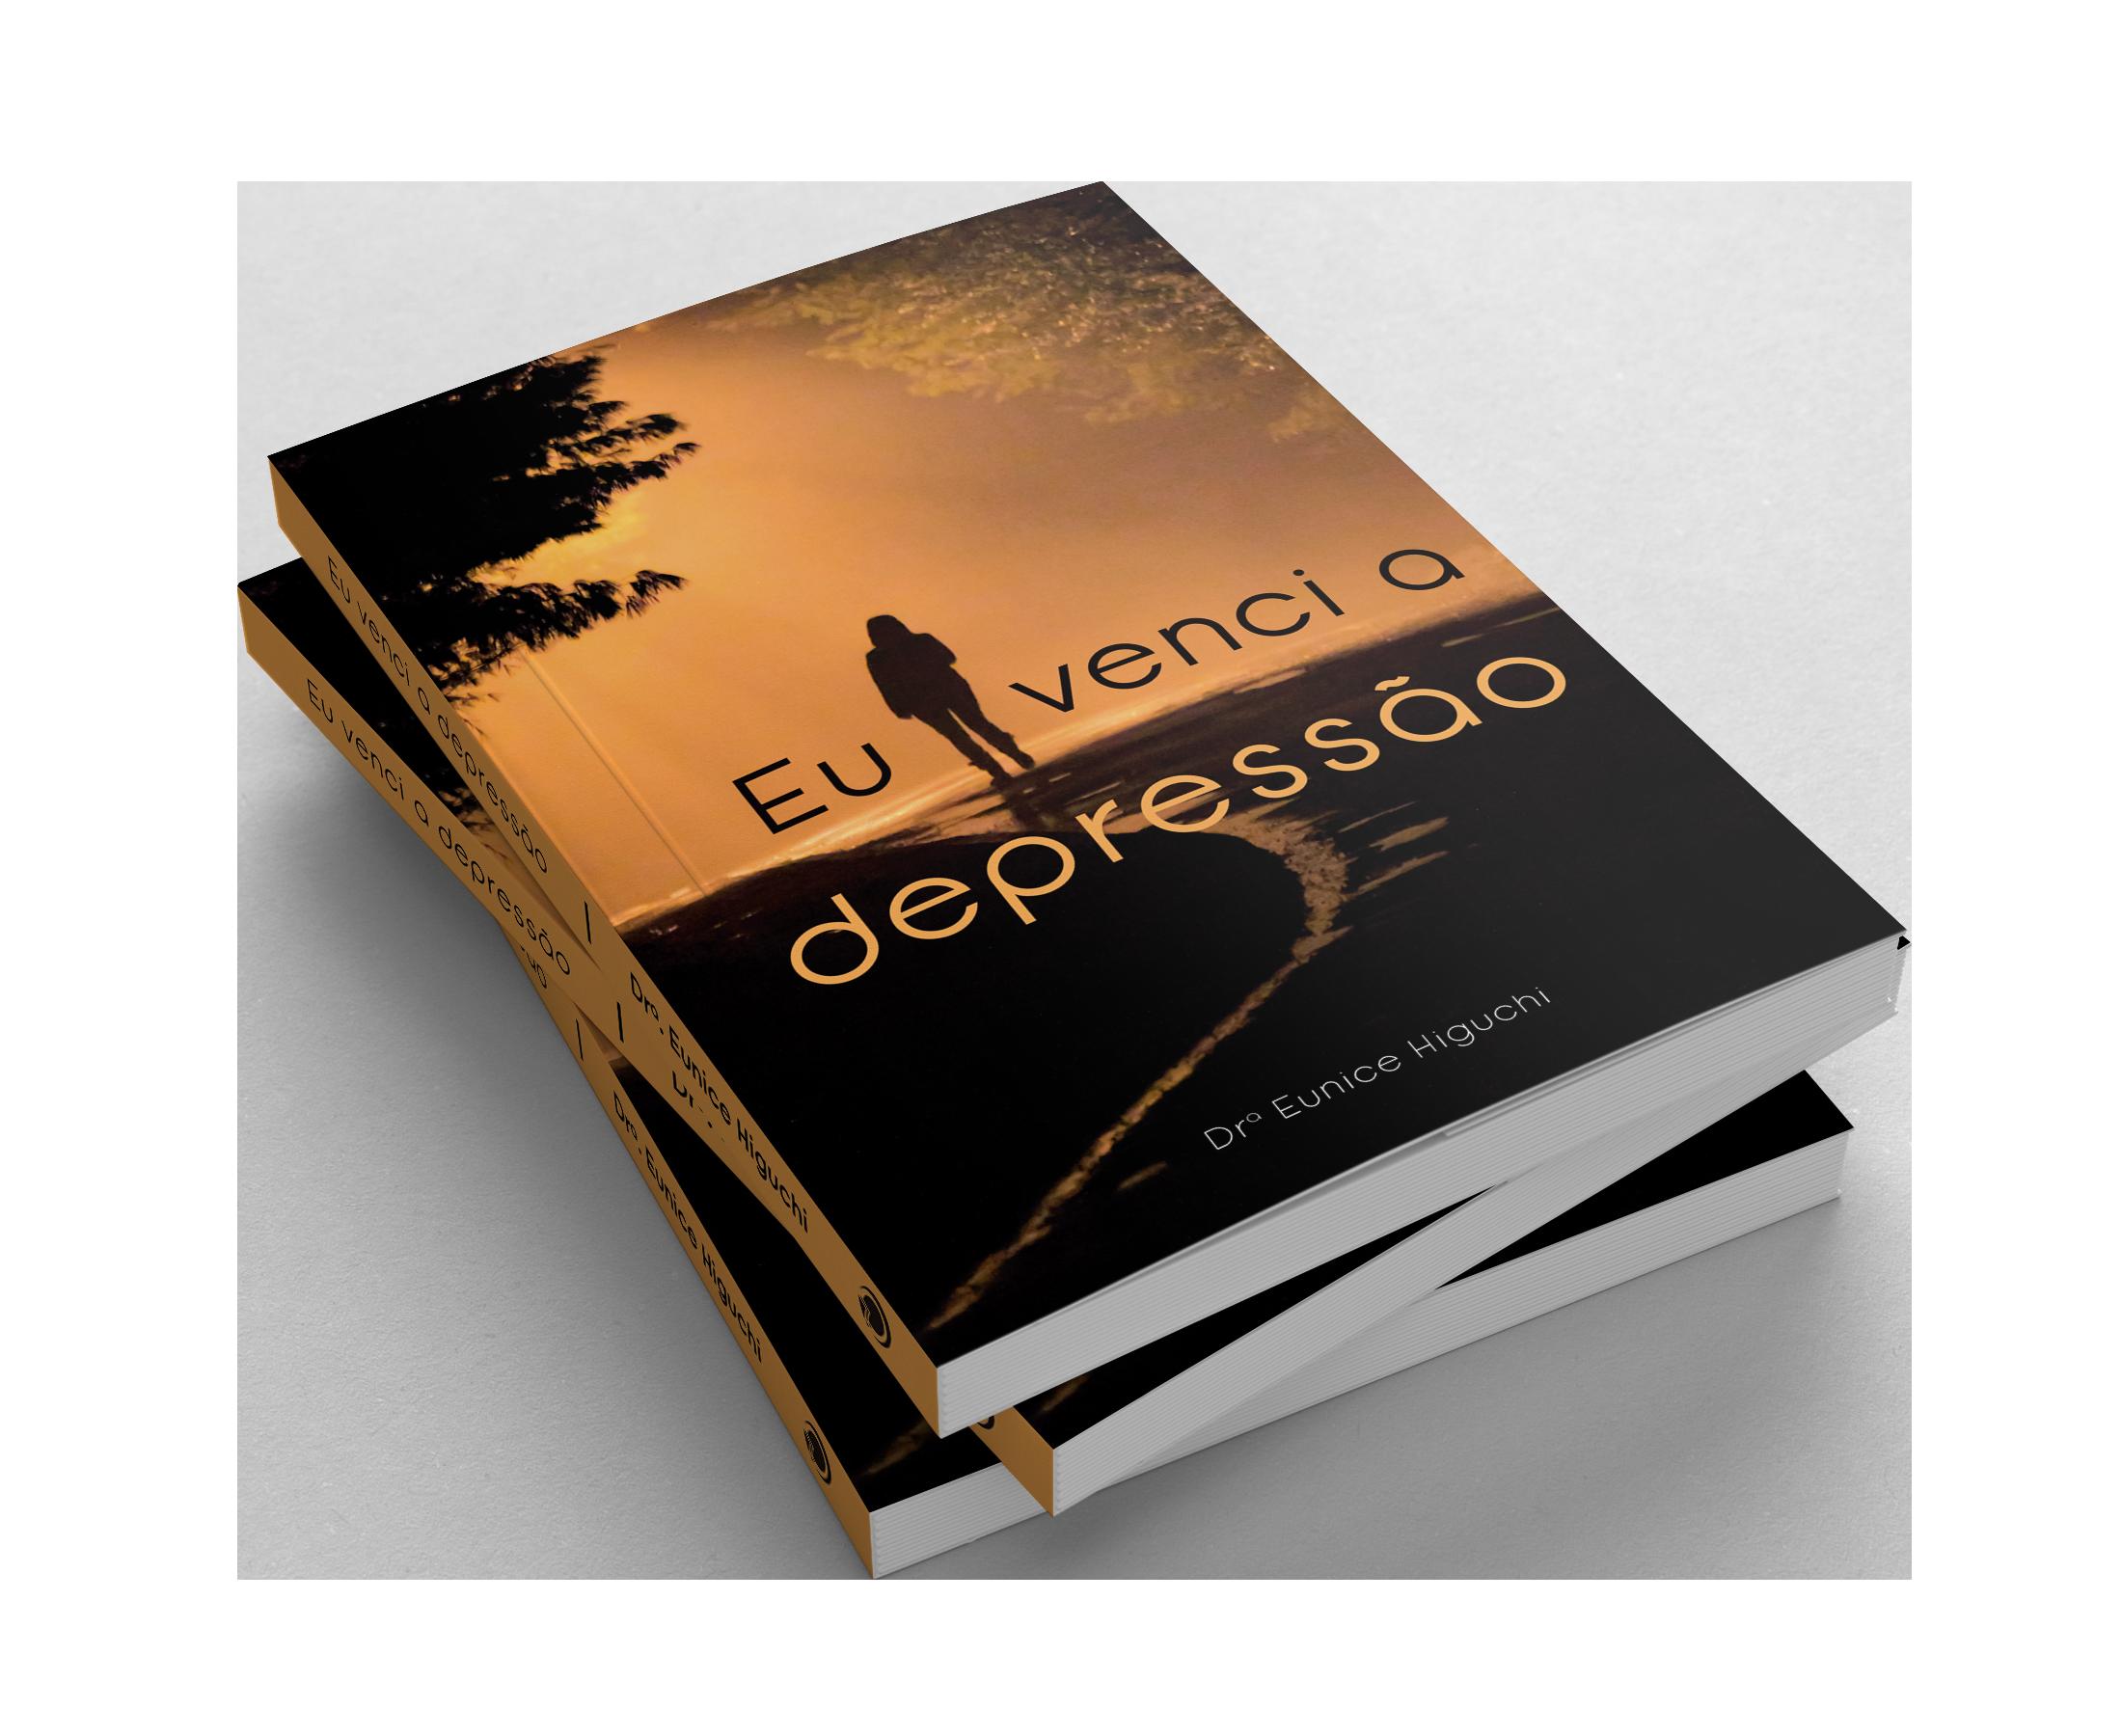 Eu venci a depressão: livro revela como médica se curou da doença